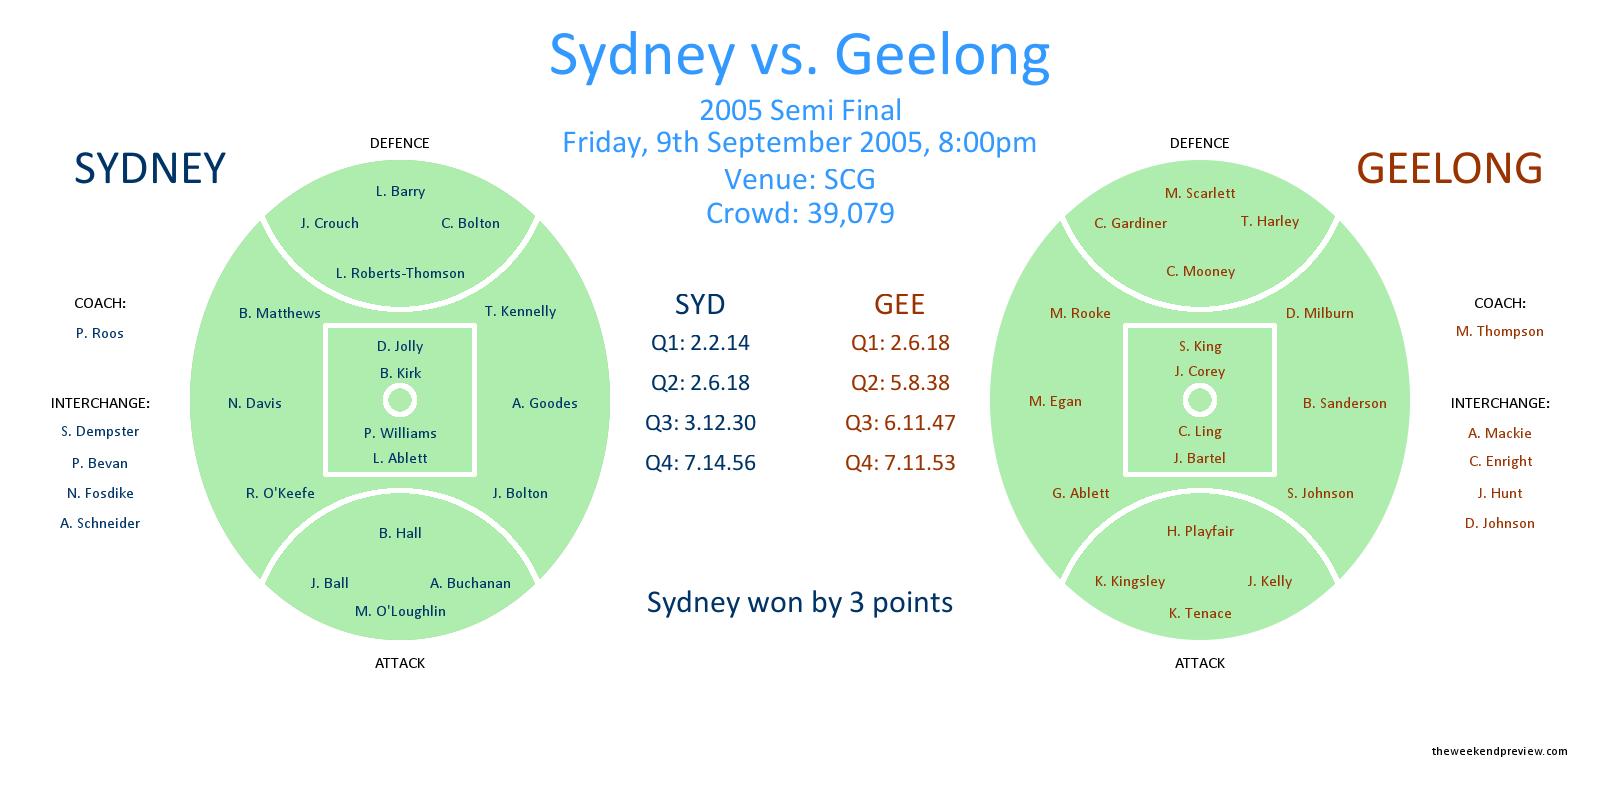 Figure-1: Sydney vs. Geelong – 2005 Semi Final